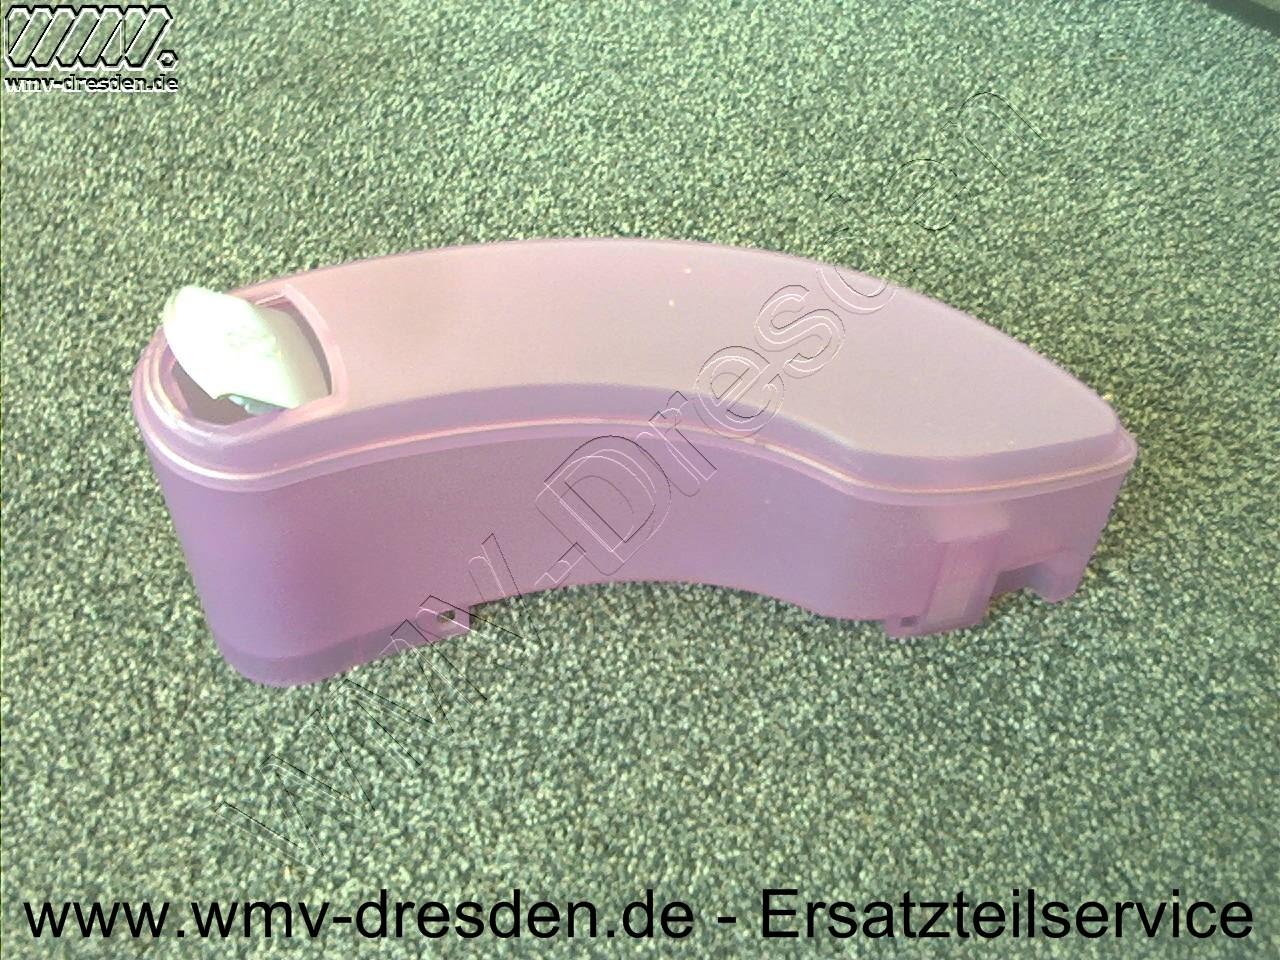 Wassertank-LILA-für DBS 2200.04, DBS 2400.06 ,07,08,09,10 Dampfbügelstation